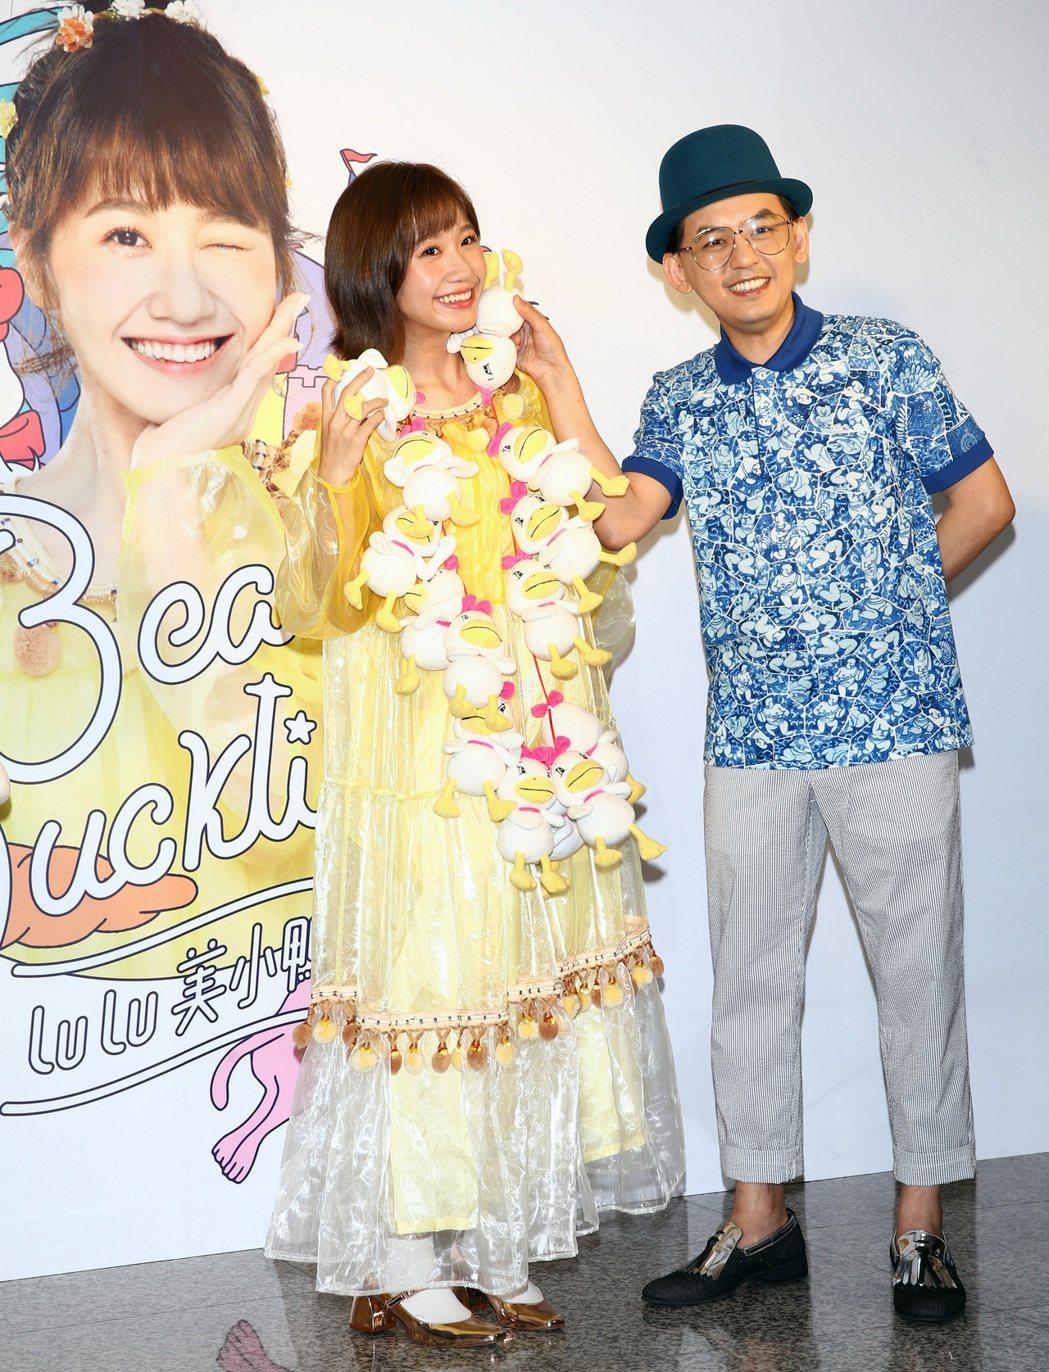 LuLu(左)帶著剛出爐的新專輯「美小鴨」送恩師黃子佼(右),黃子佼則回贈特製的...